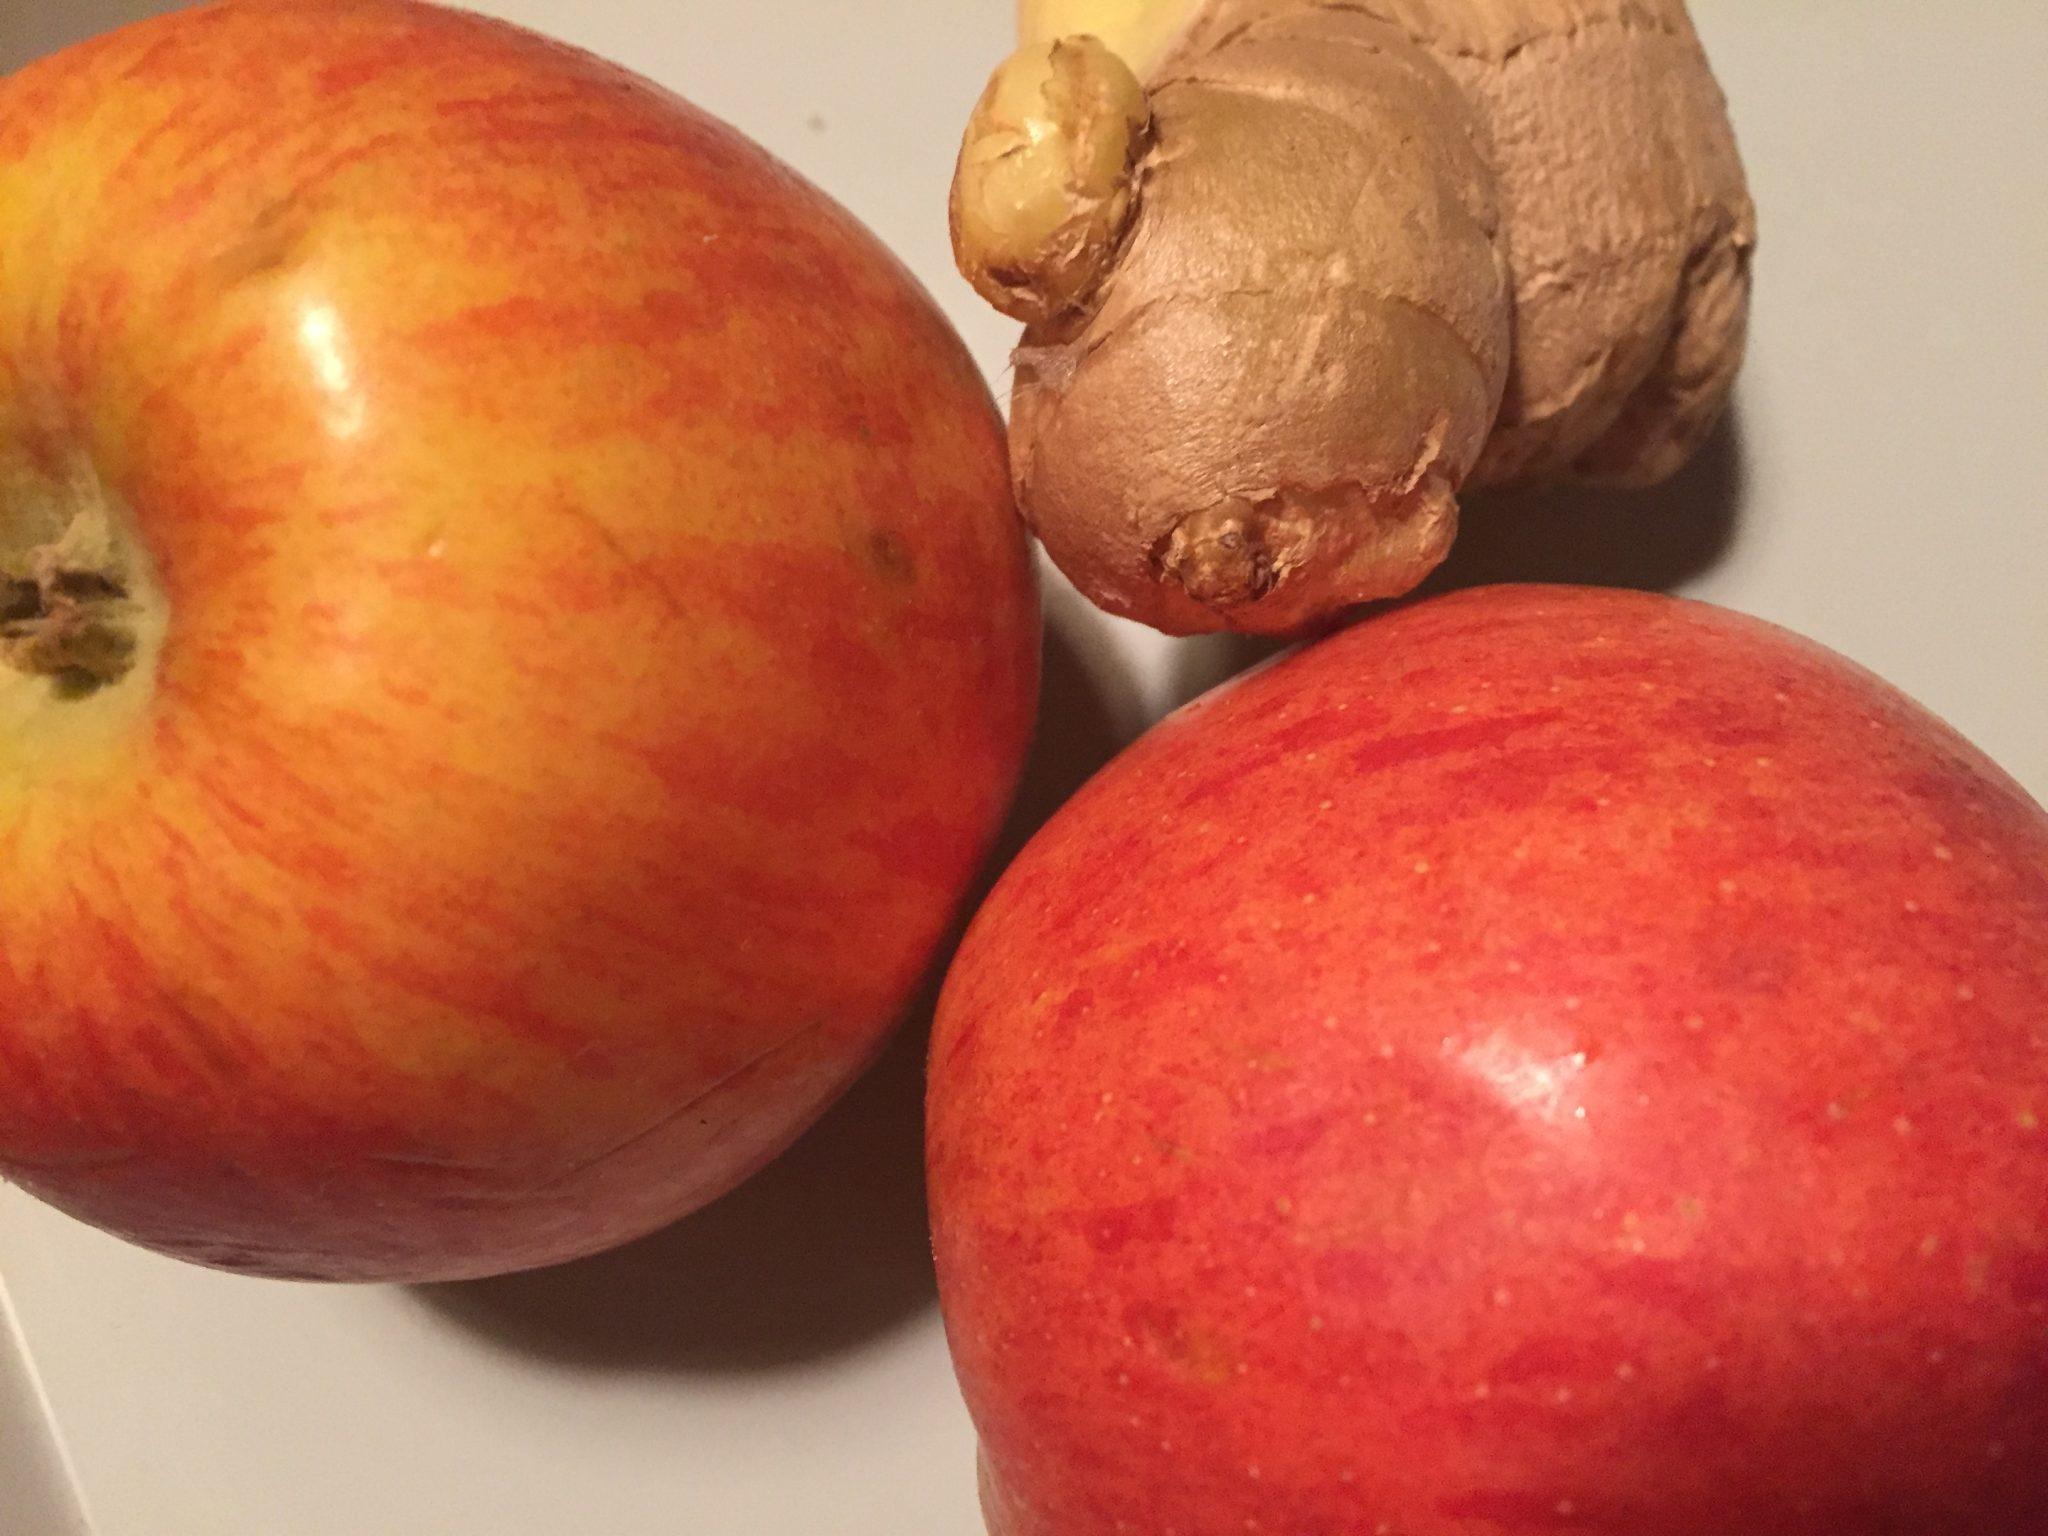 Ingwer Apfel